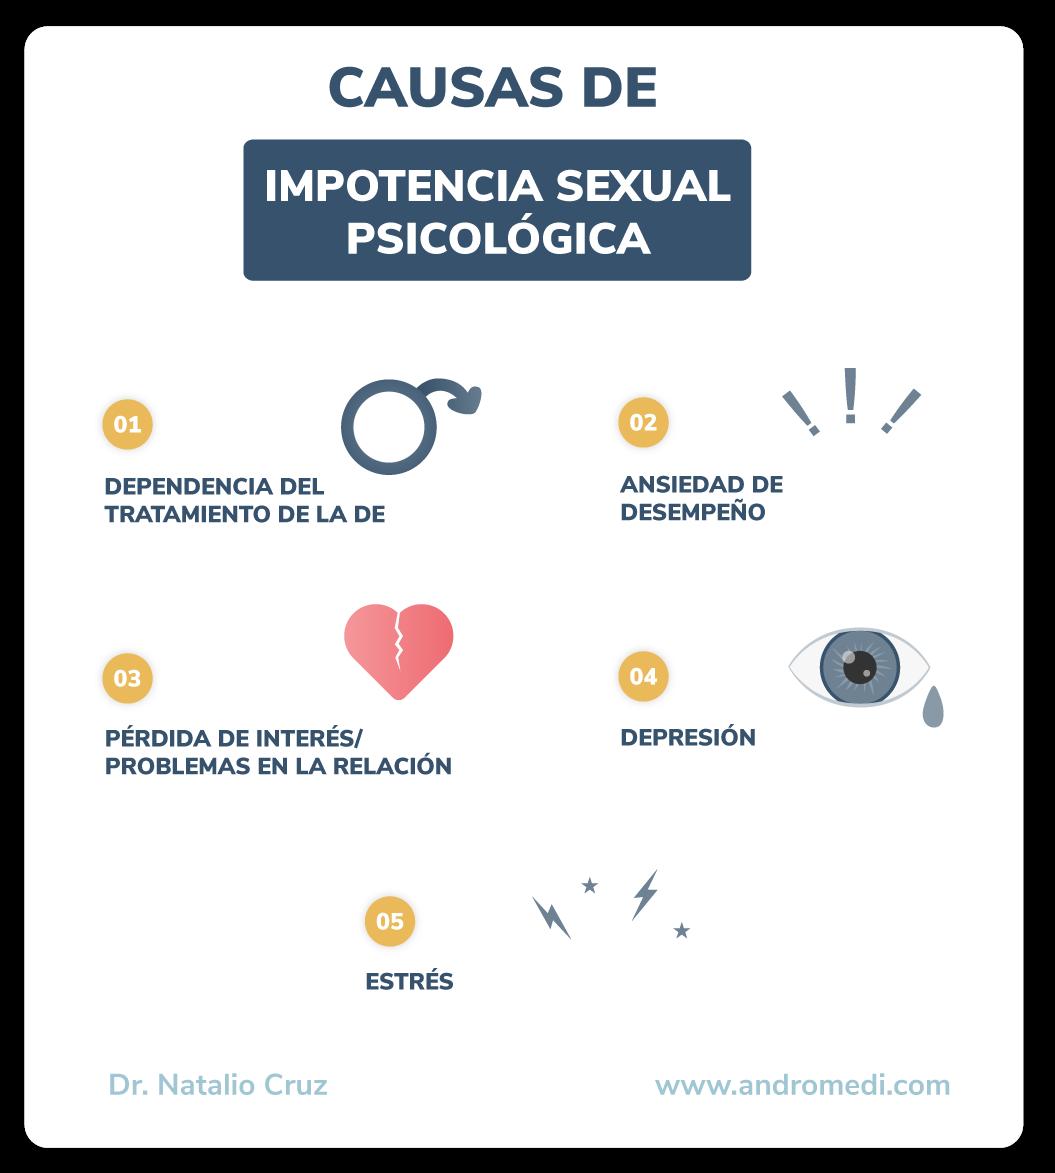 andromedi causas de la impotencia sexual psicologica 01